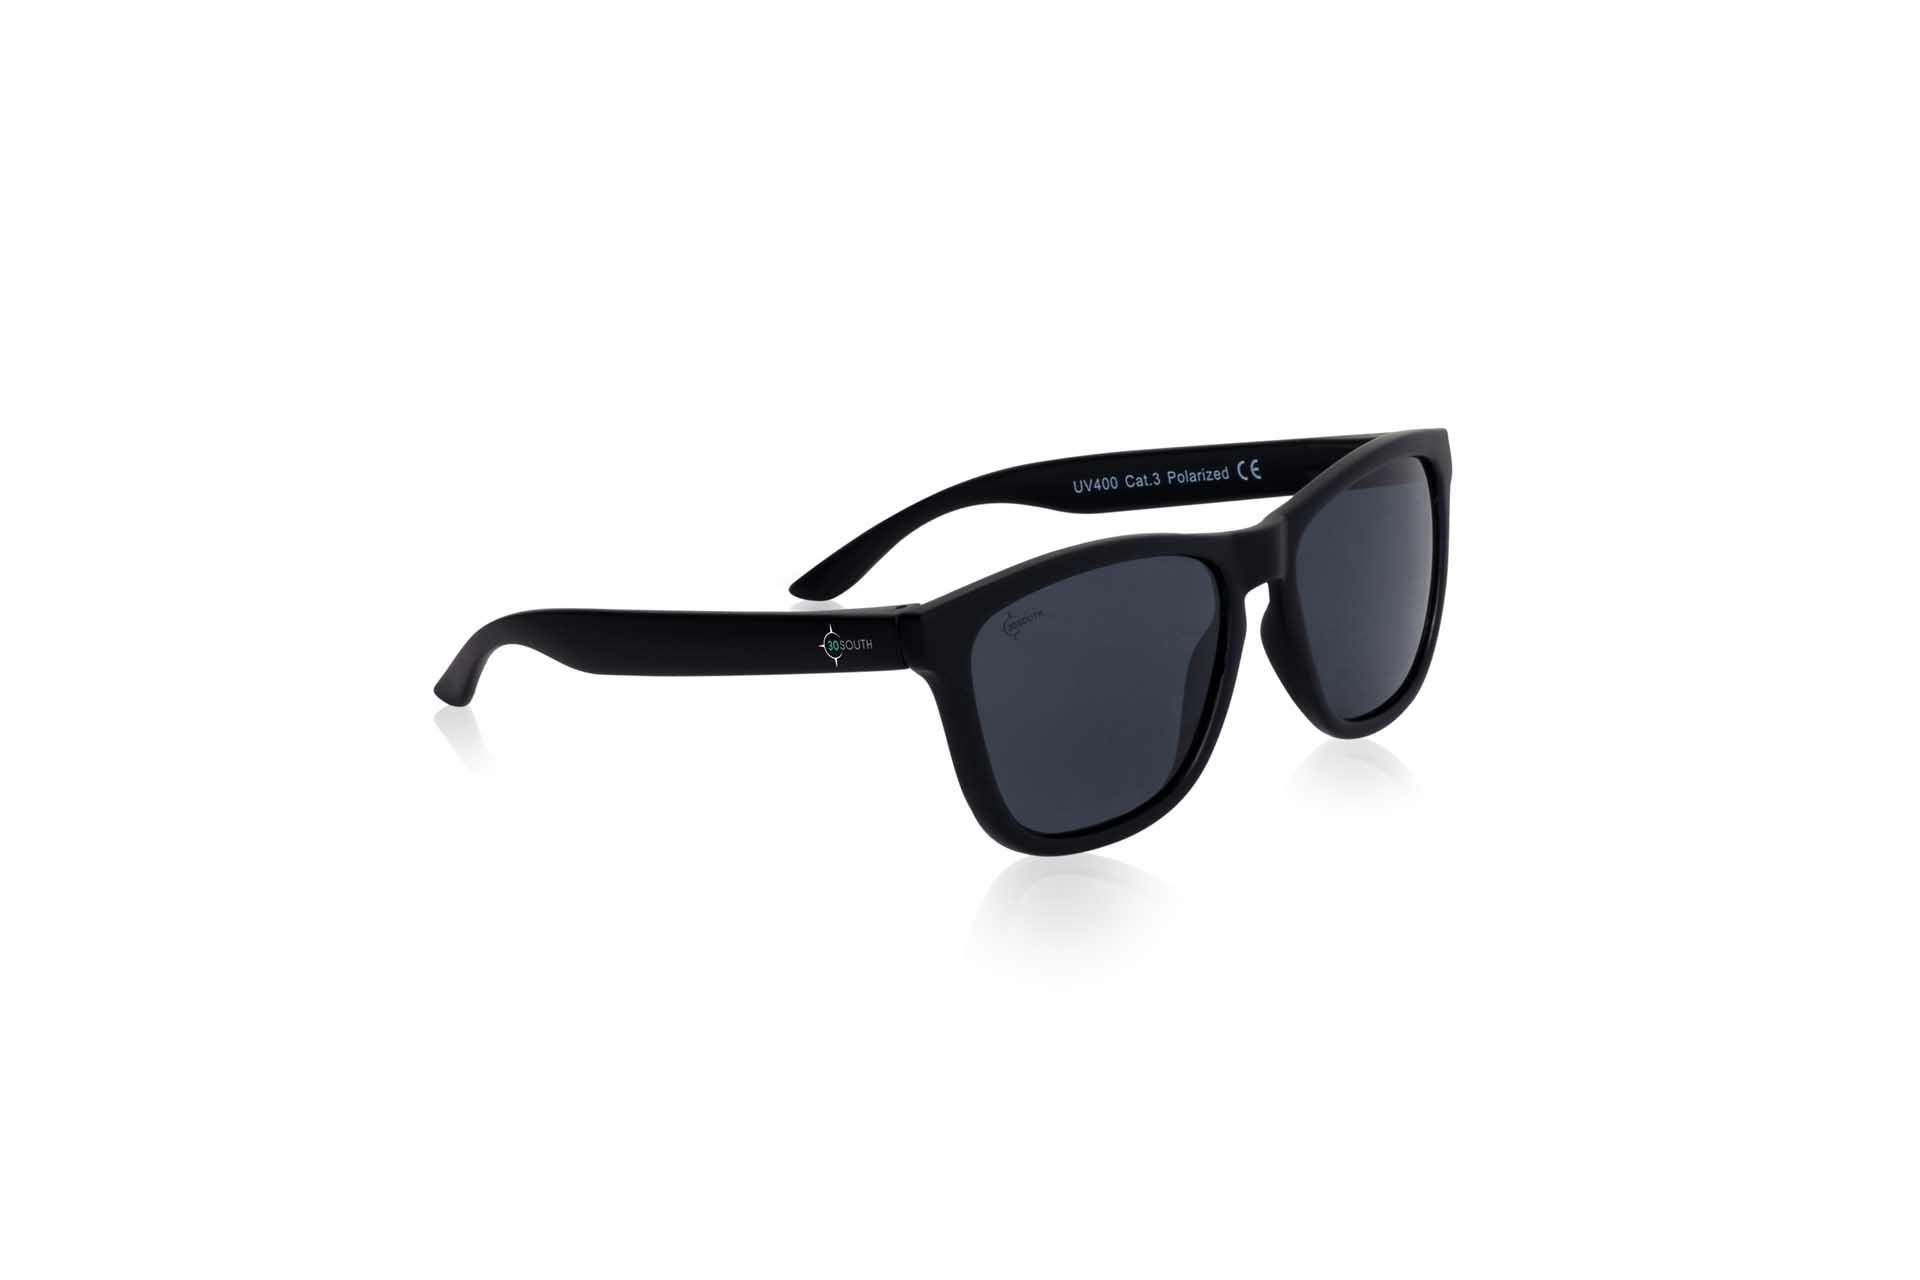 Photo of The Willards sunglasses